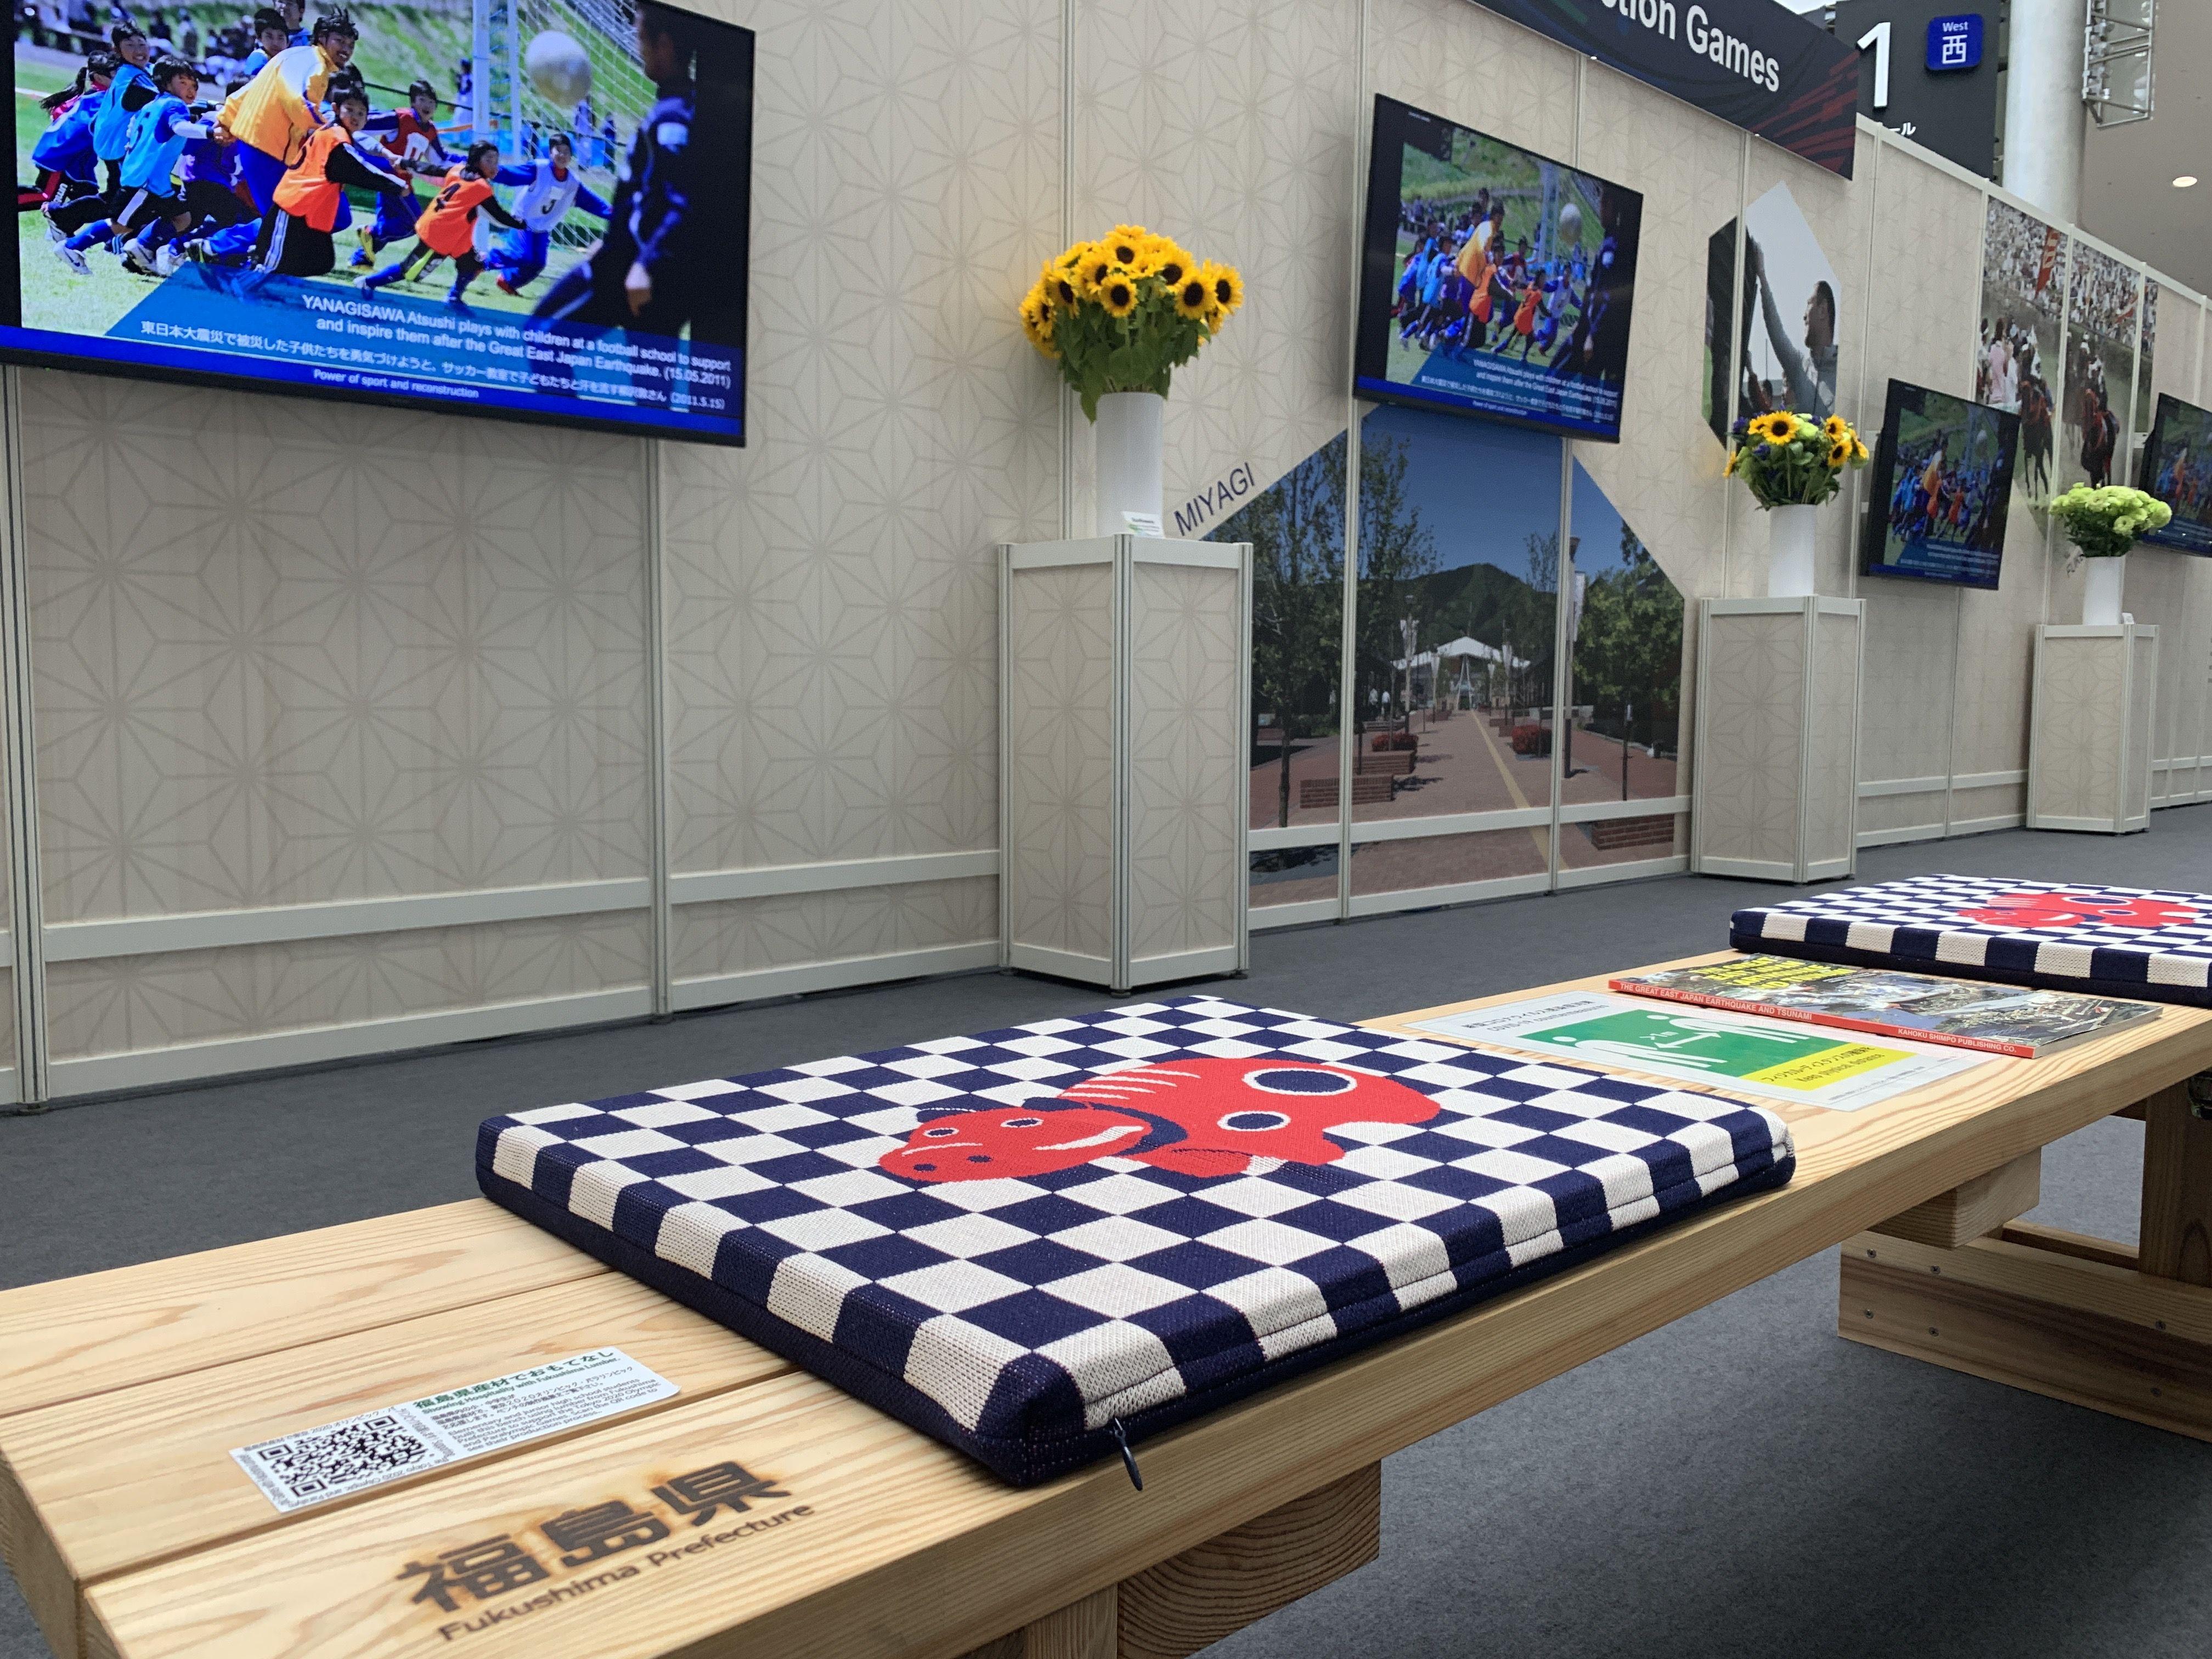 福岛县中小学生制作的坐垫